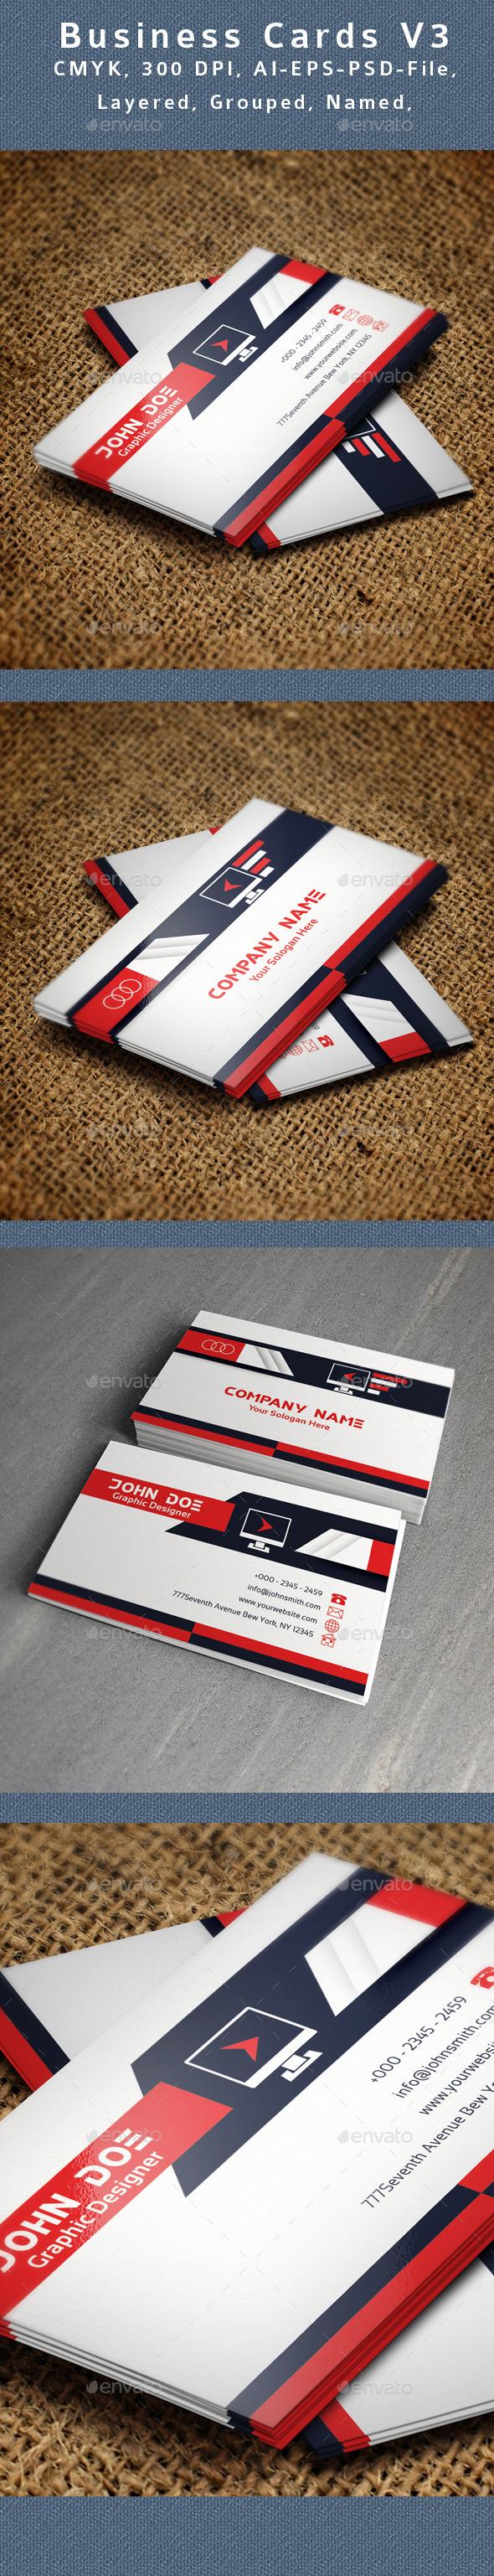 GraphicRiver Creative Business Card V3 9110123